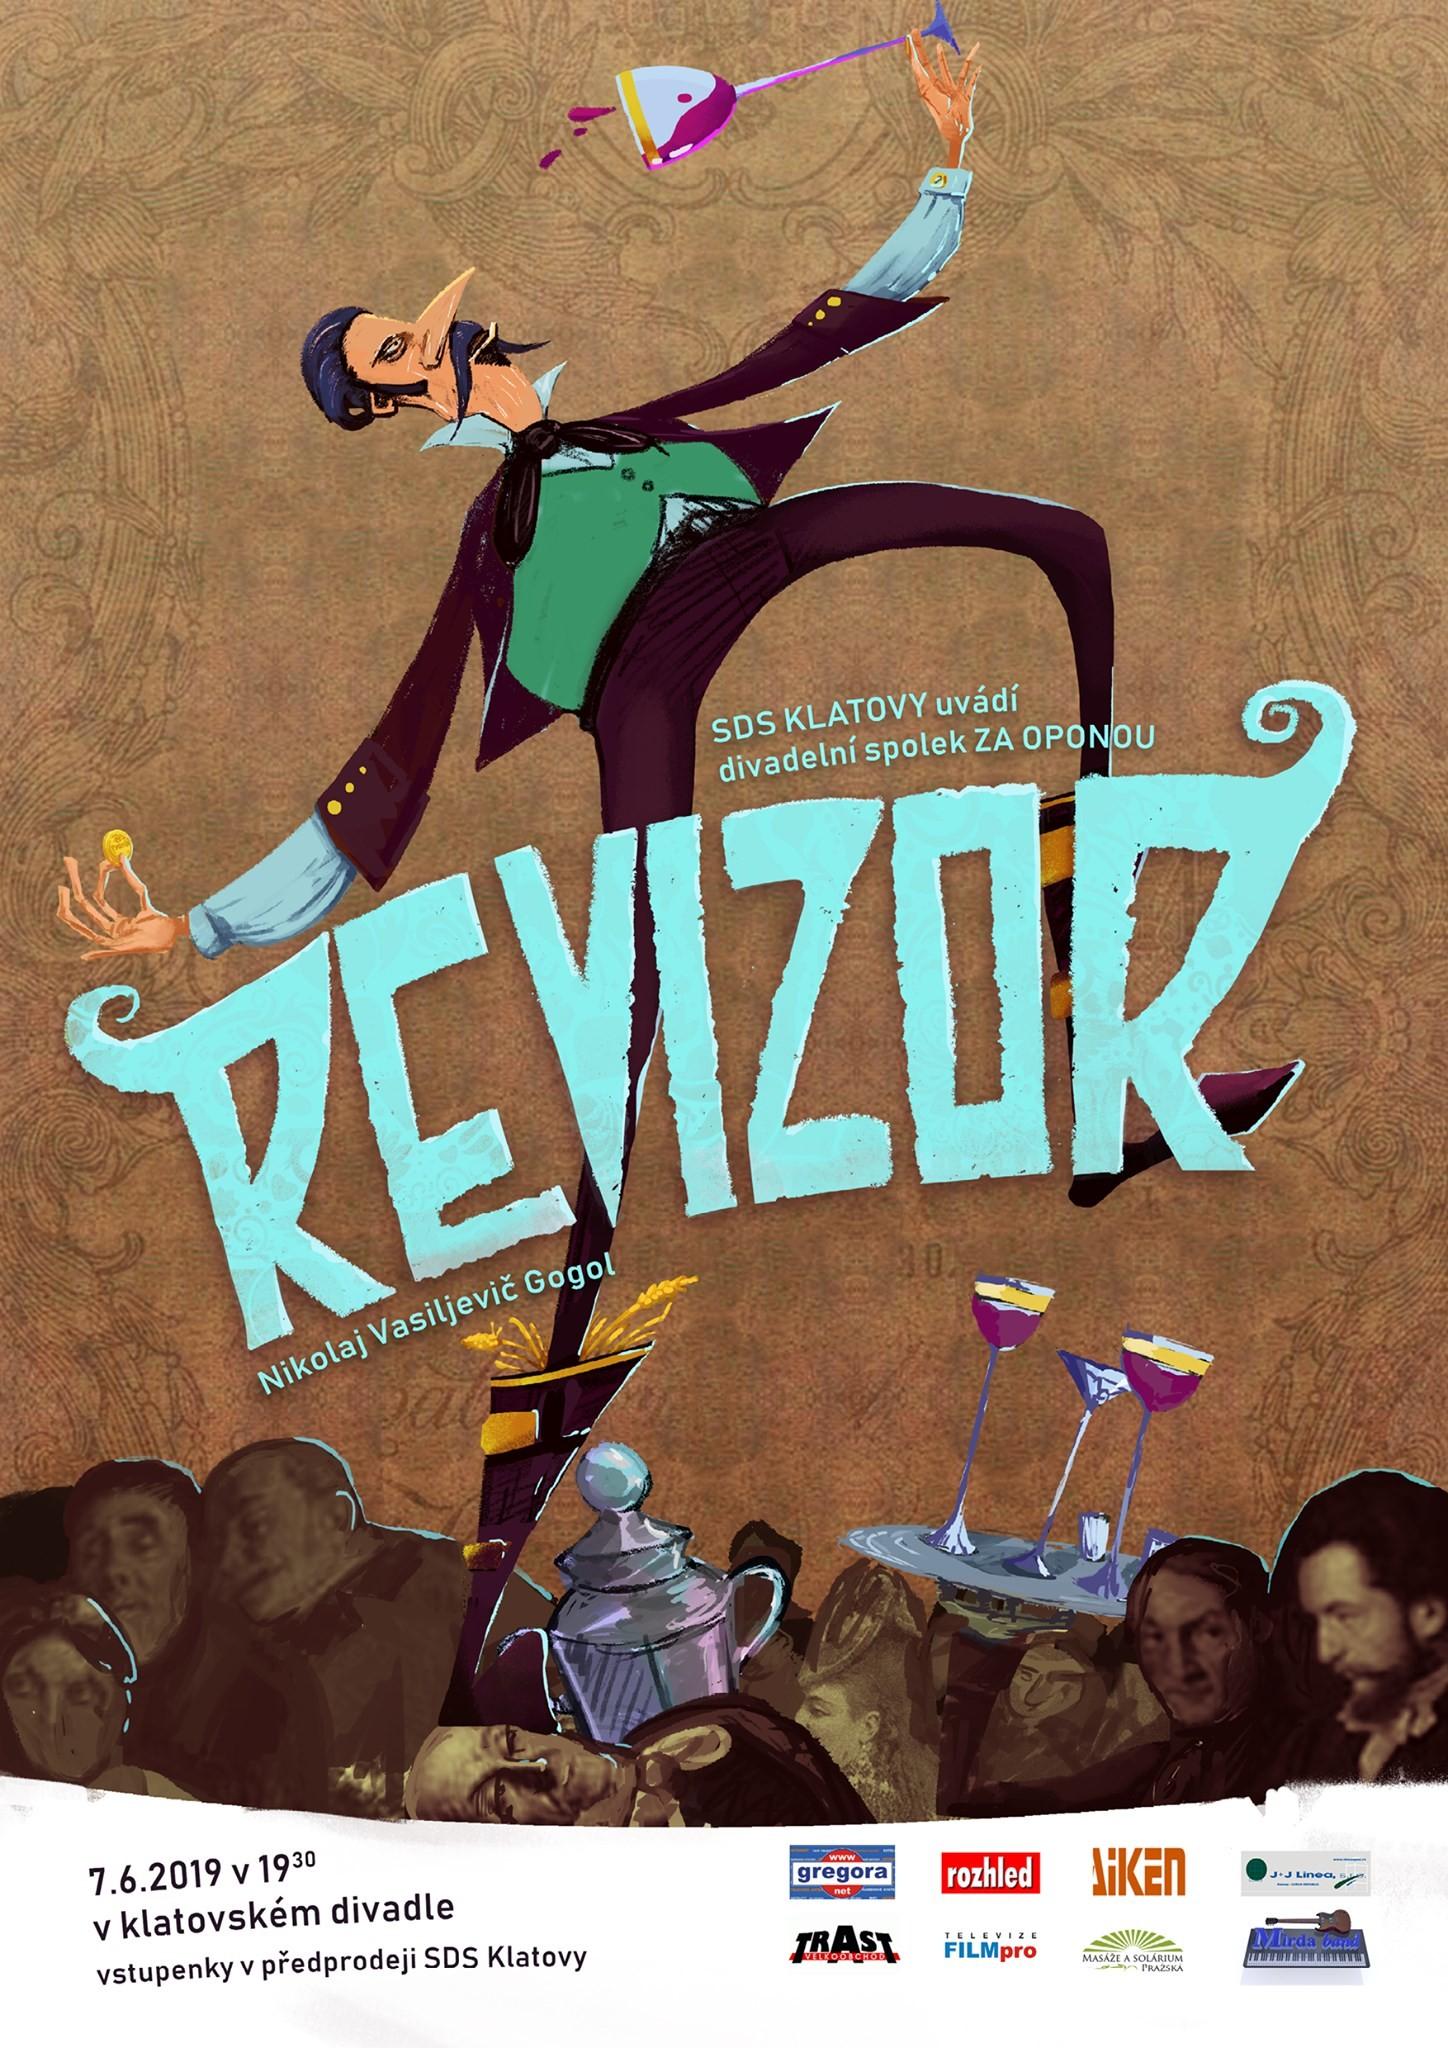 SDS Klatovy uvádí divadelní spolek Za oponou: Revizor. Nikolaj Vasiljevič Gogol. 7.6.2019 v 19:30 v klatovském divadle, vstupenky v předprodeji SDS Klatovy